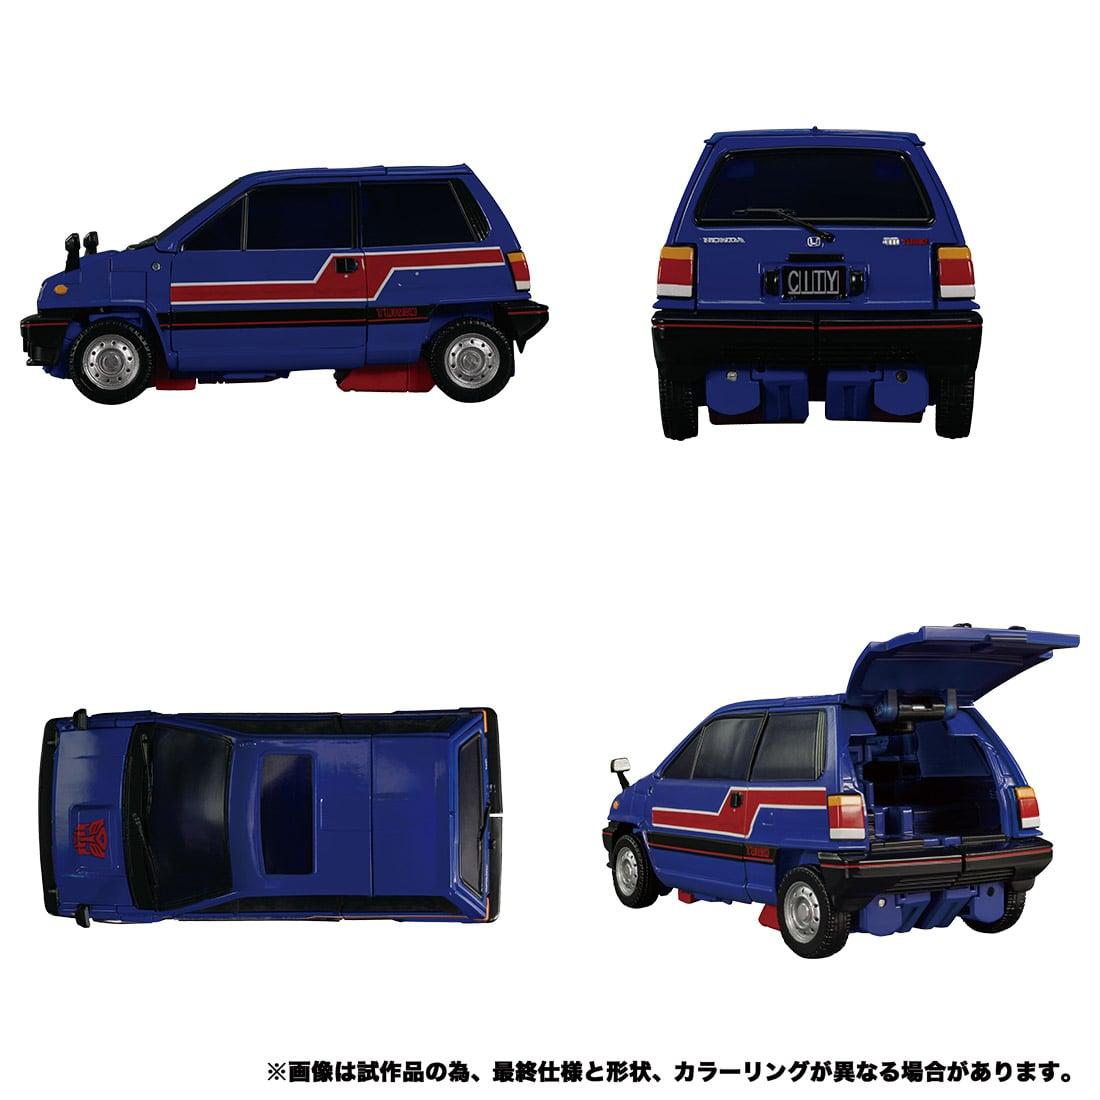 マスターピース『MP-53 スキッズ』トランスフォーマー 可変可動フィギュア-008